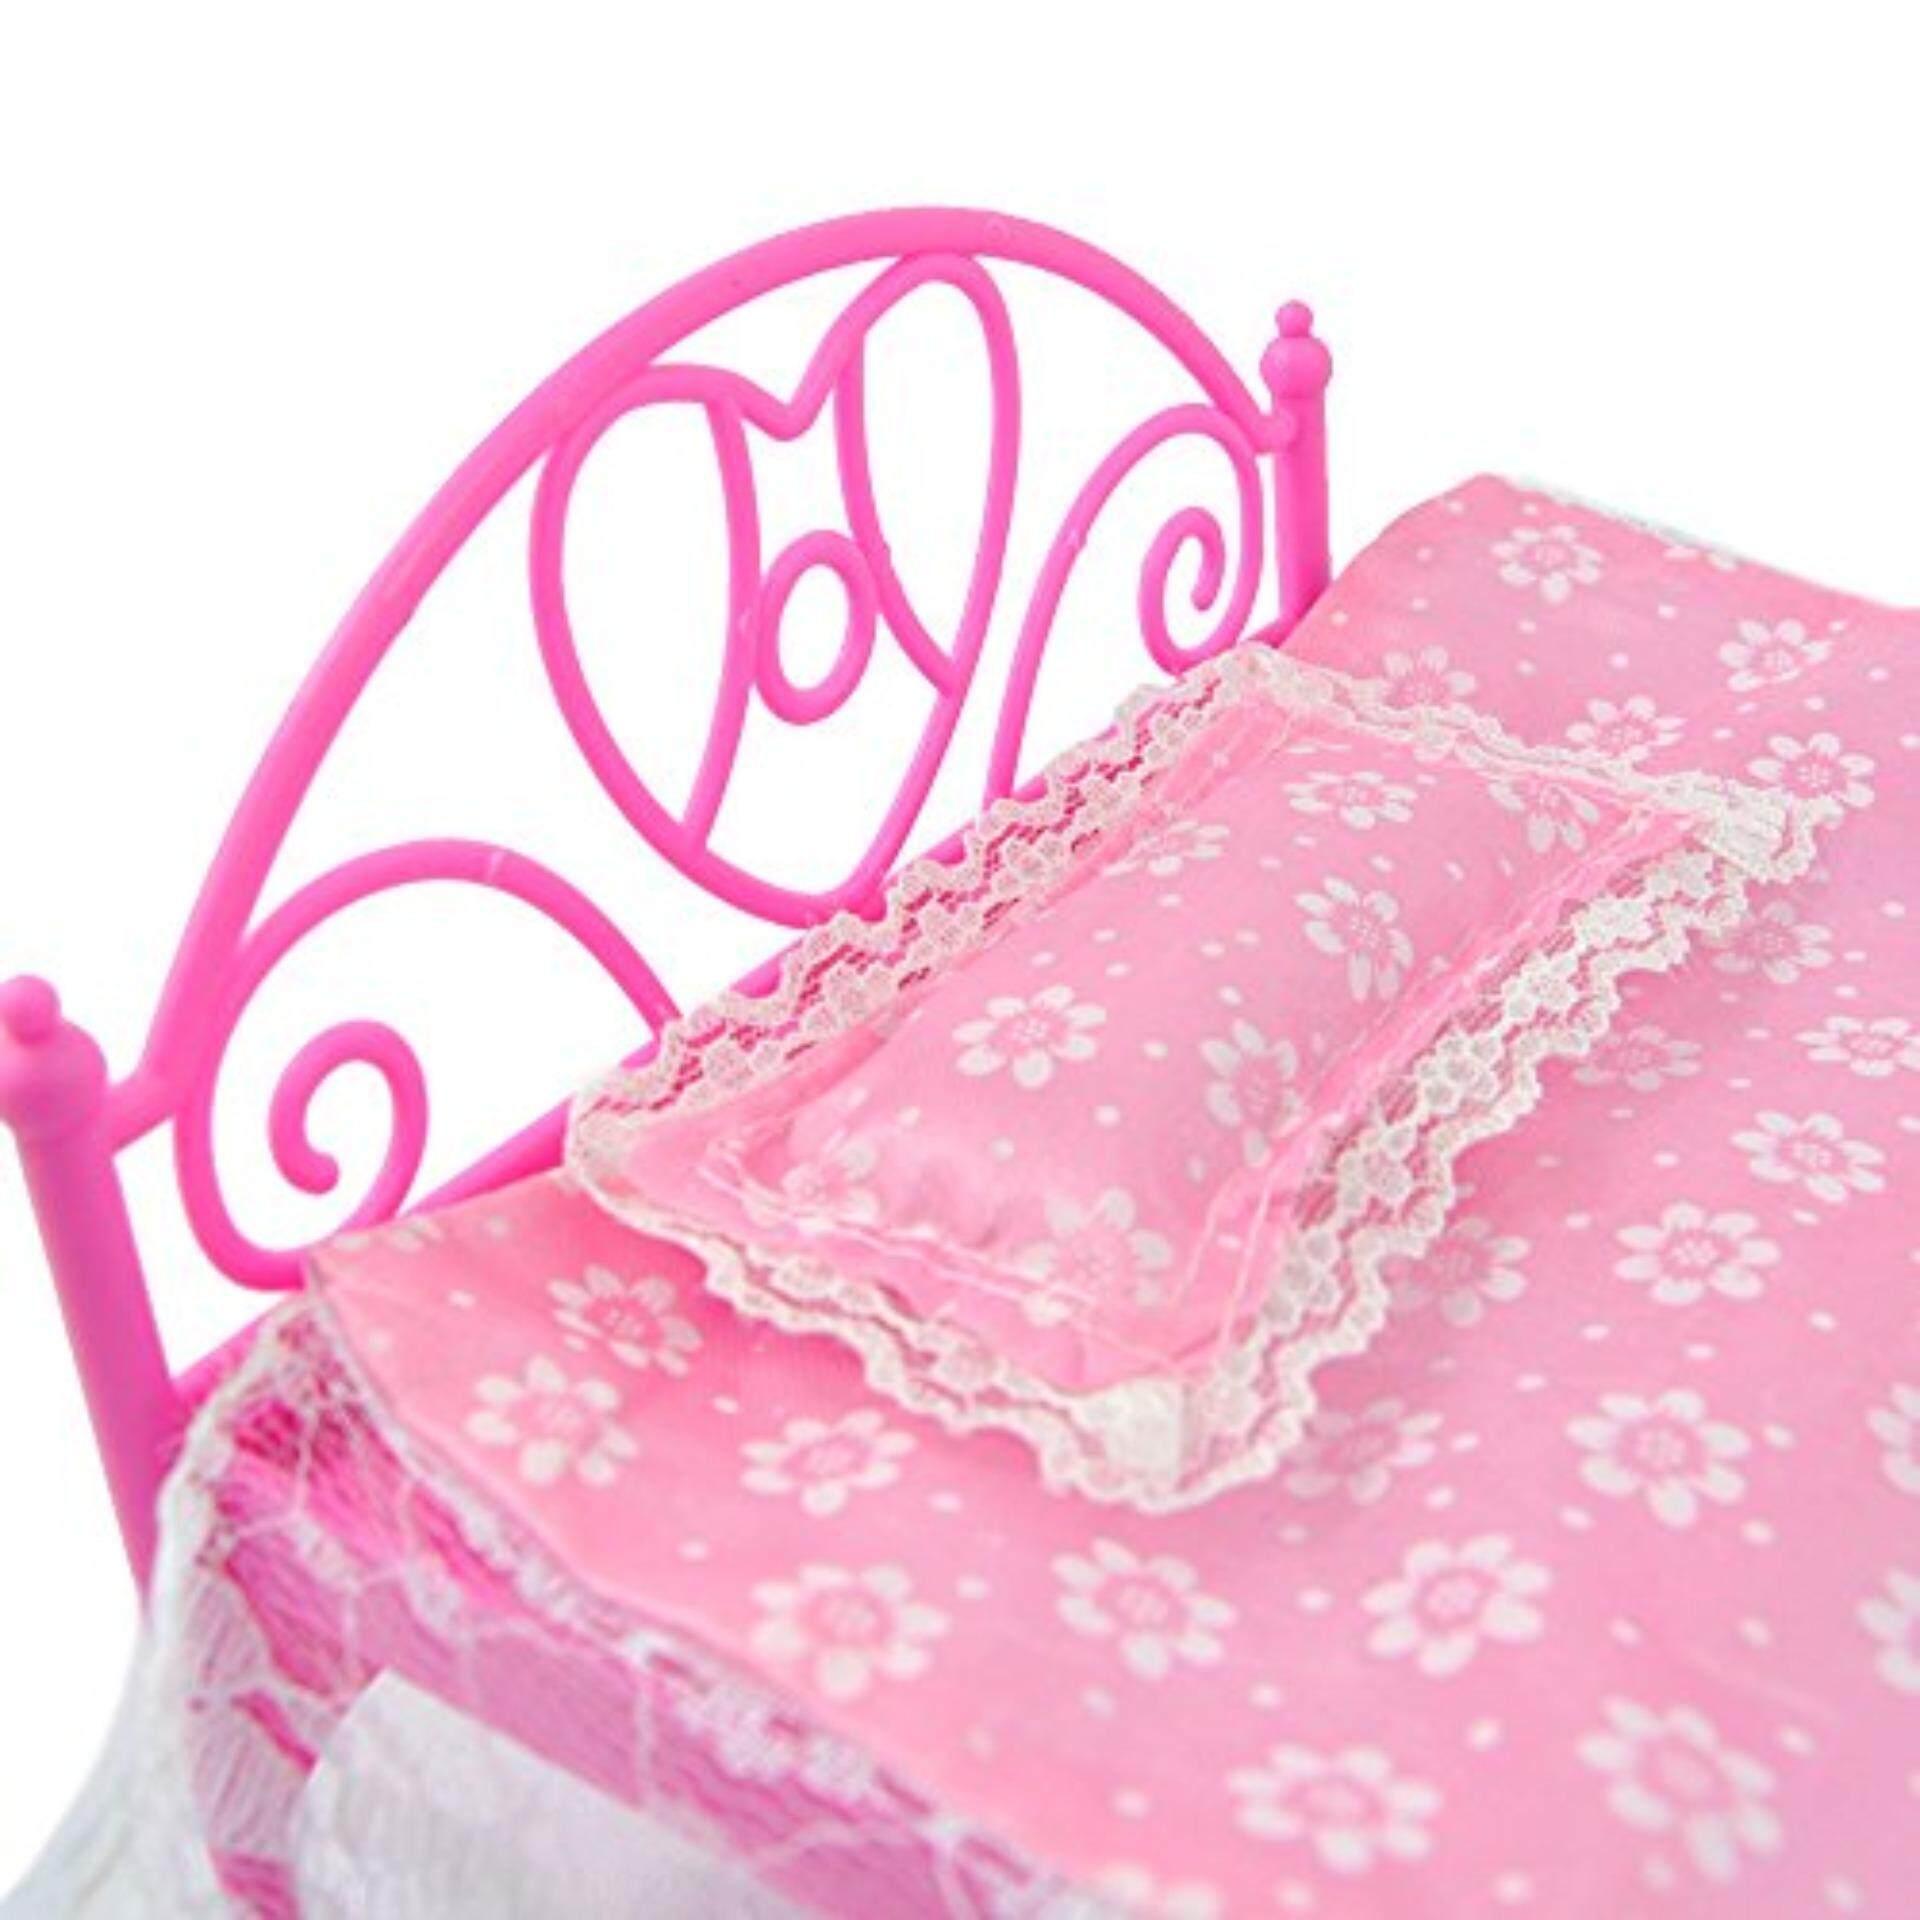 Mini Merah Muda Tempat Tidur dengan Bantal untuk Boneka Boneka Rumah Boneka Bedroom Furniture-Internasional